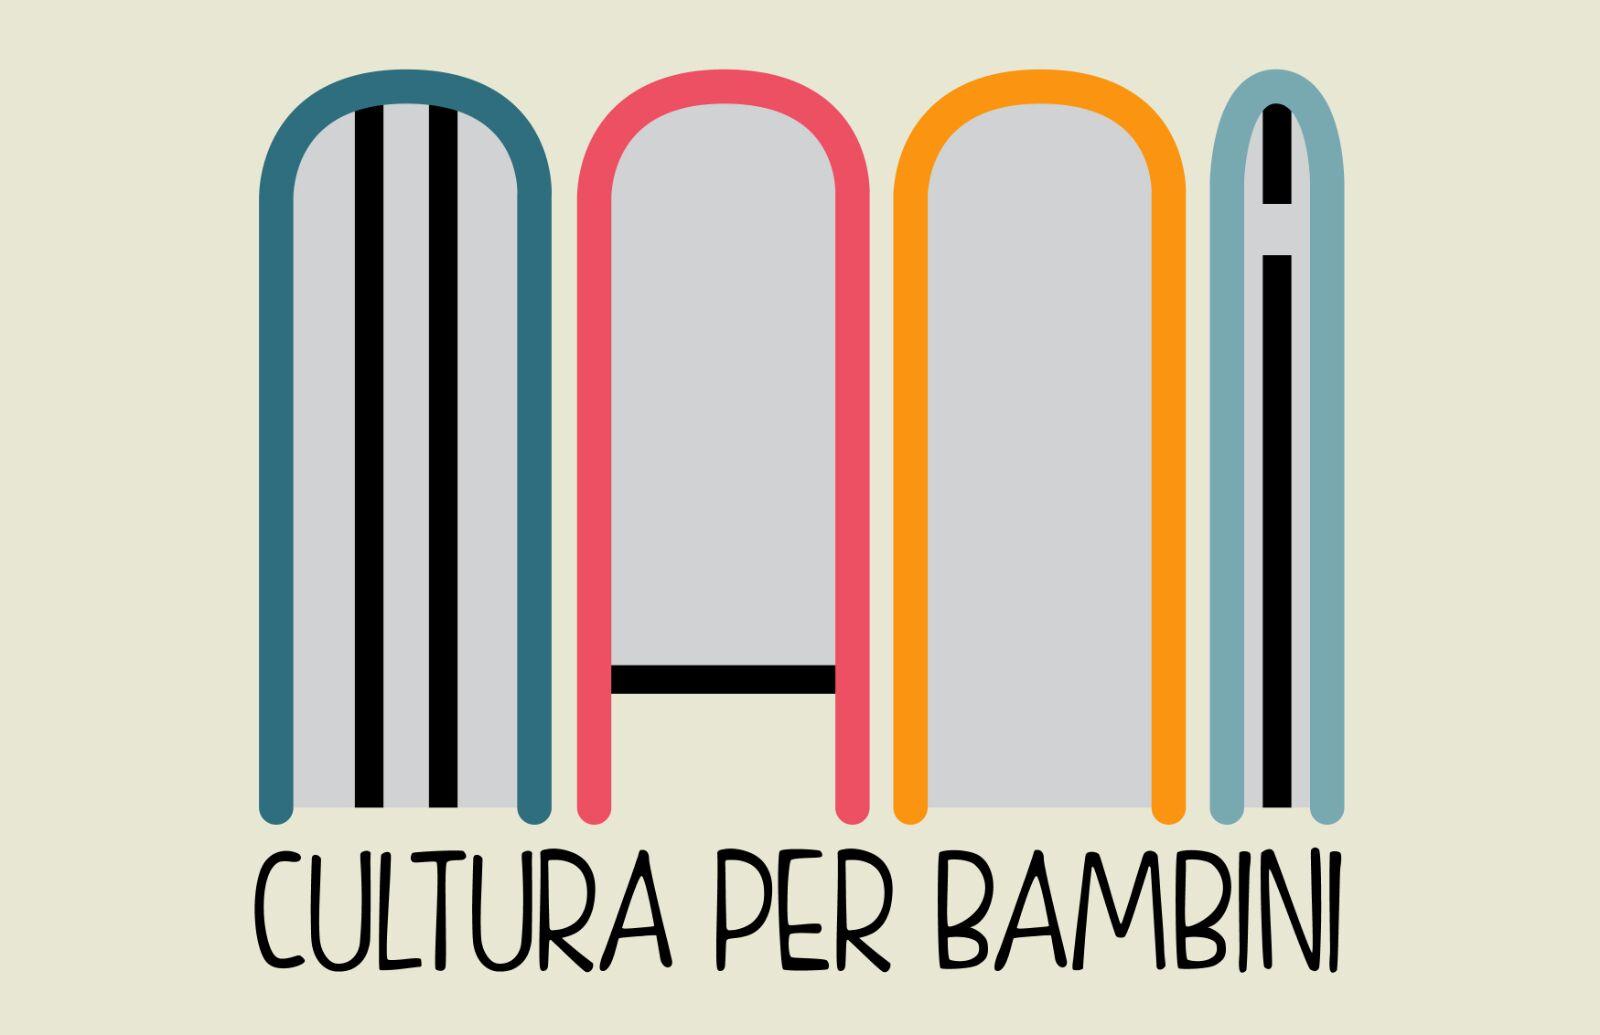 Mani - Cultura per bambini: l'associazione culturale che organizza laboratori di lettura animata, creatività e giochi